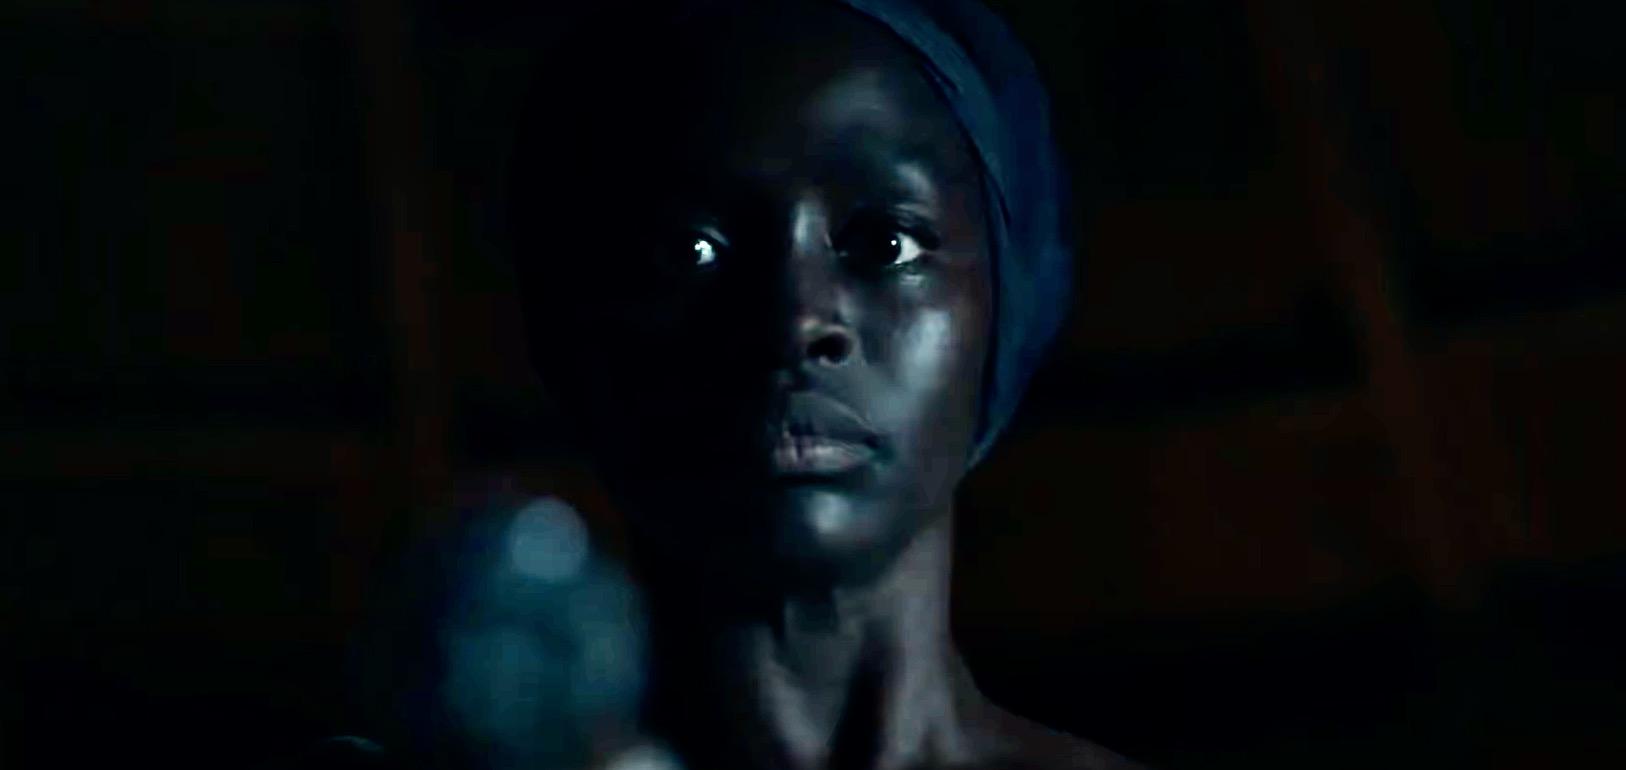 אישה אפרו אמריקאית מכוונת אקדח. מתוך הטריילר